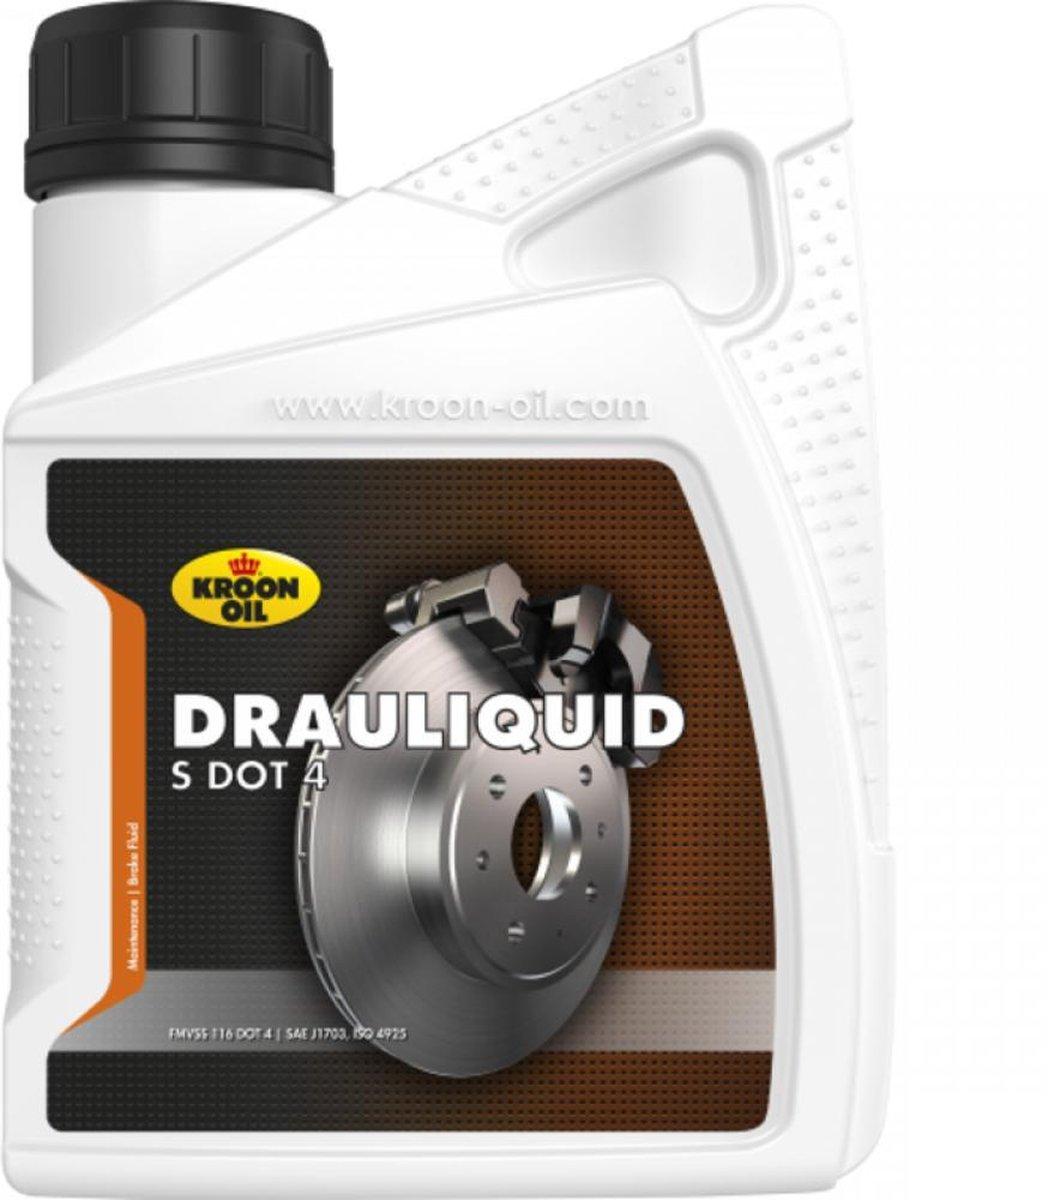 Kroon-Oil 35663 Drauliquid DOT 4, 500ml